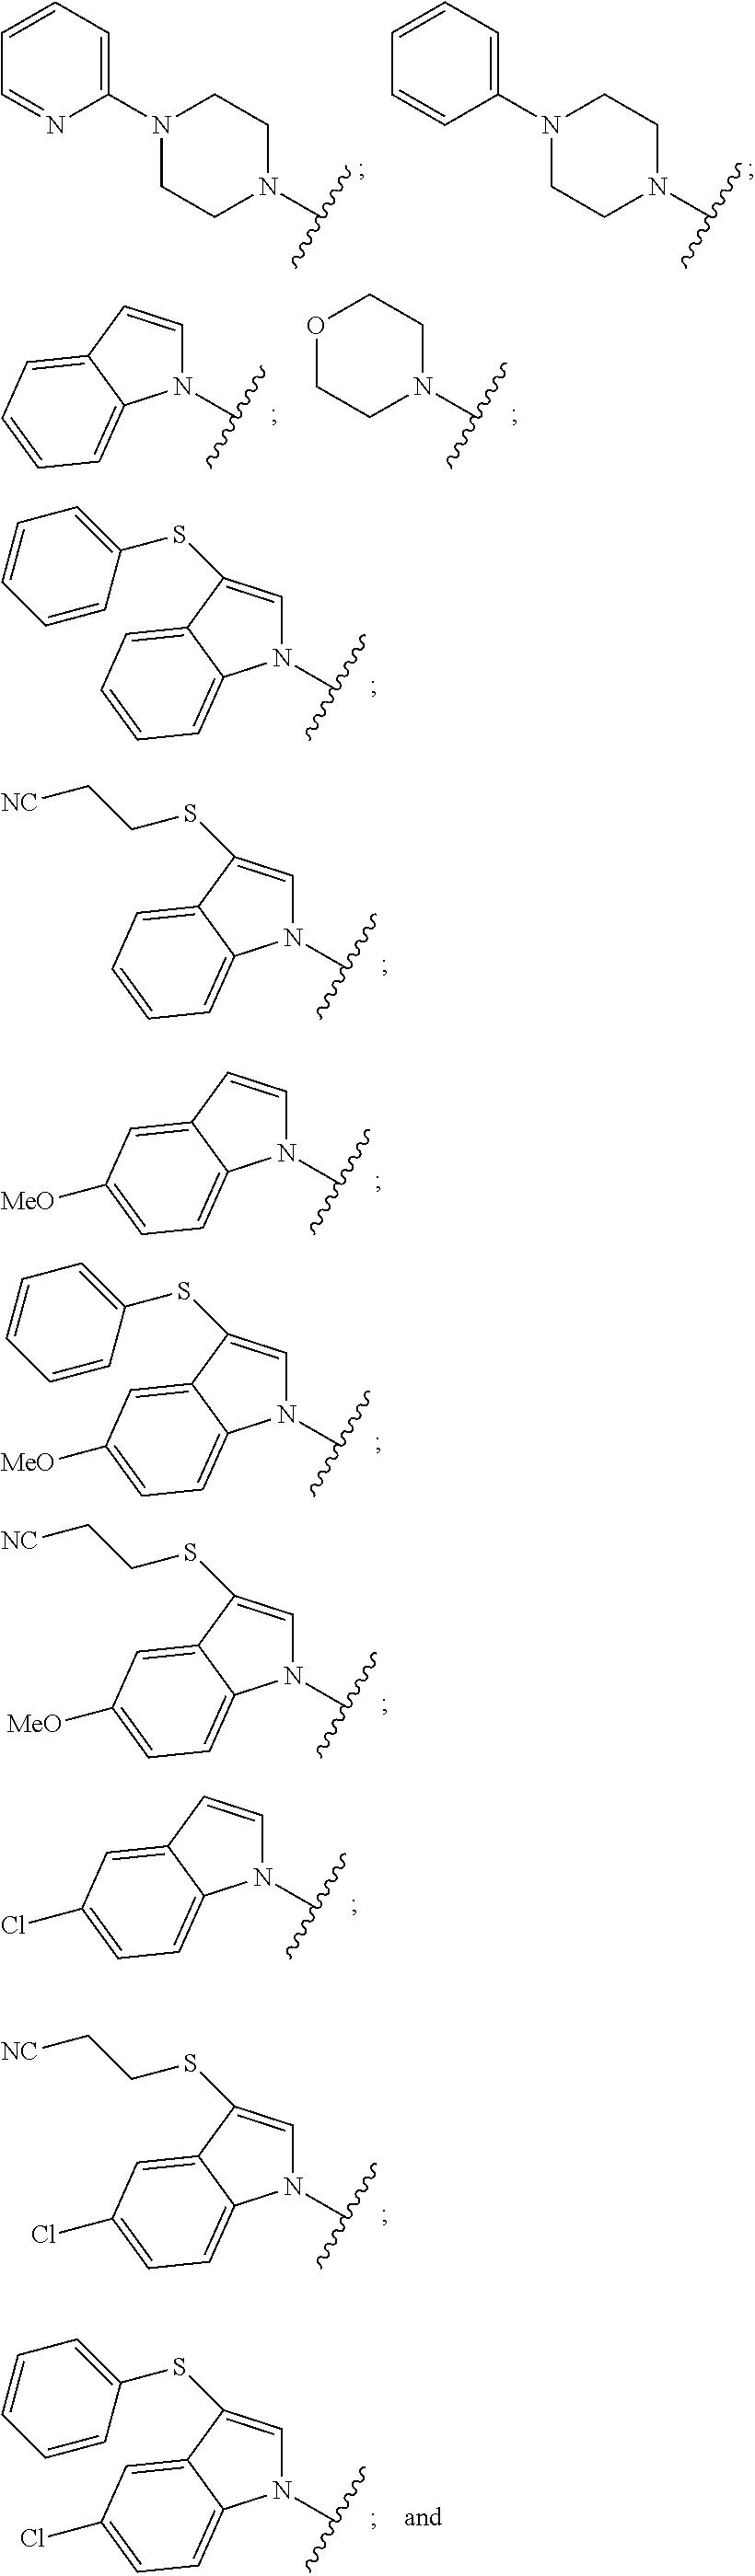 Figure US09566289-20170214-C00163